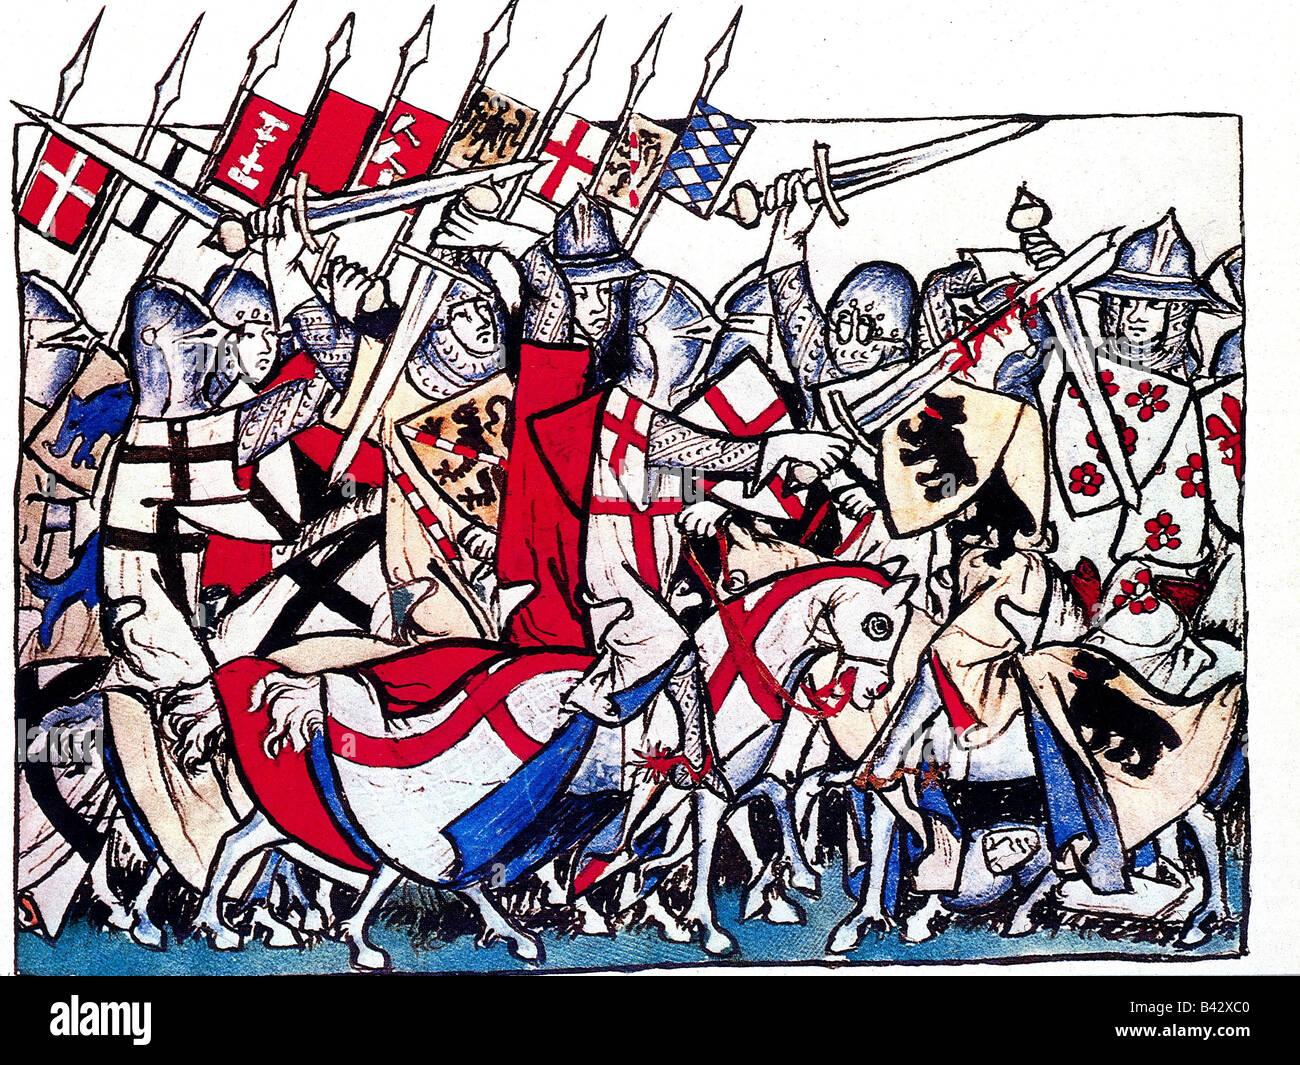 Henry VII, vers 1275 - 24.8.1313, Saint Empereur romain 29.6.1312 - 24.8.1313, lutter contre les milanais, 1311, Photo Stock